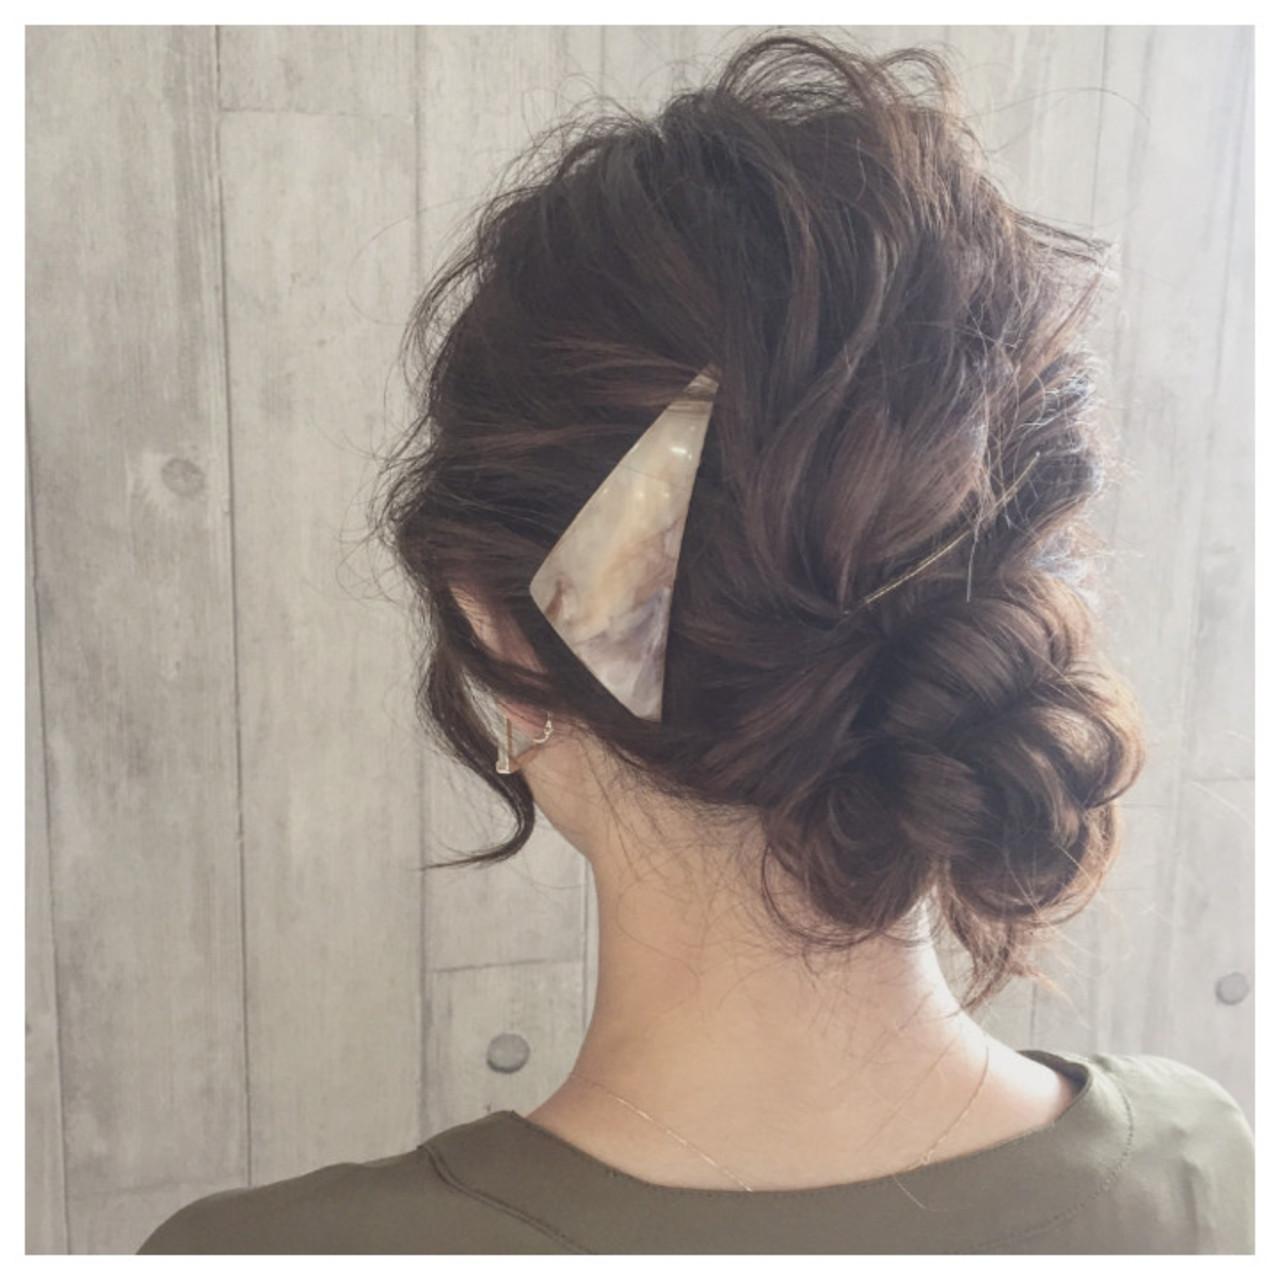 大人かわいい ロング バレッタ ヘアアレンジ ヘアスタイルや髪型の写真・画像